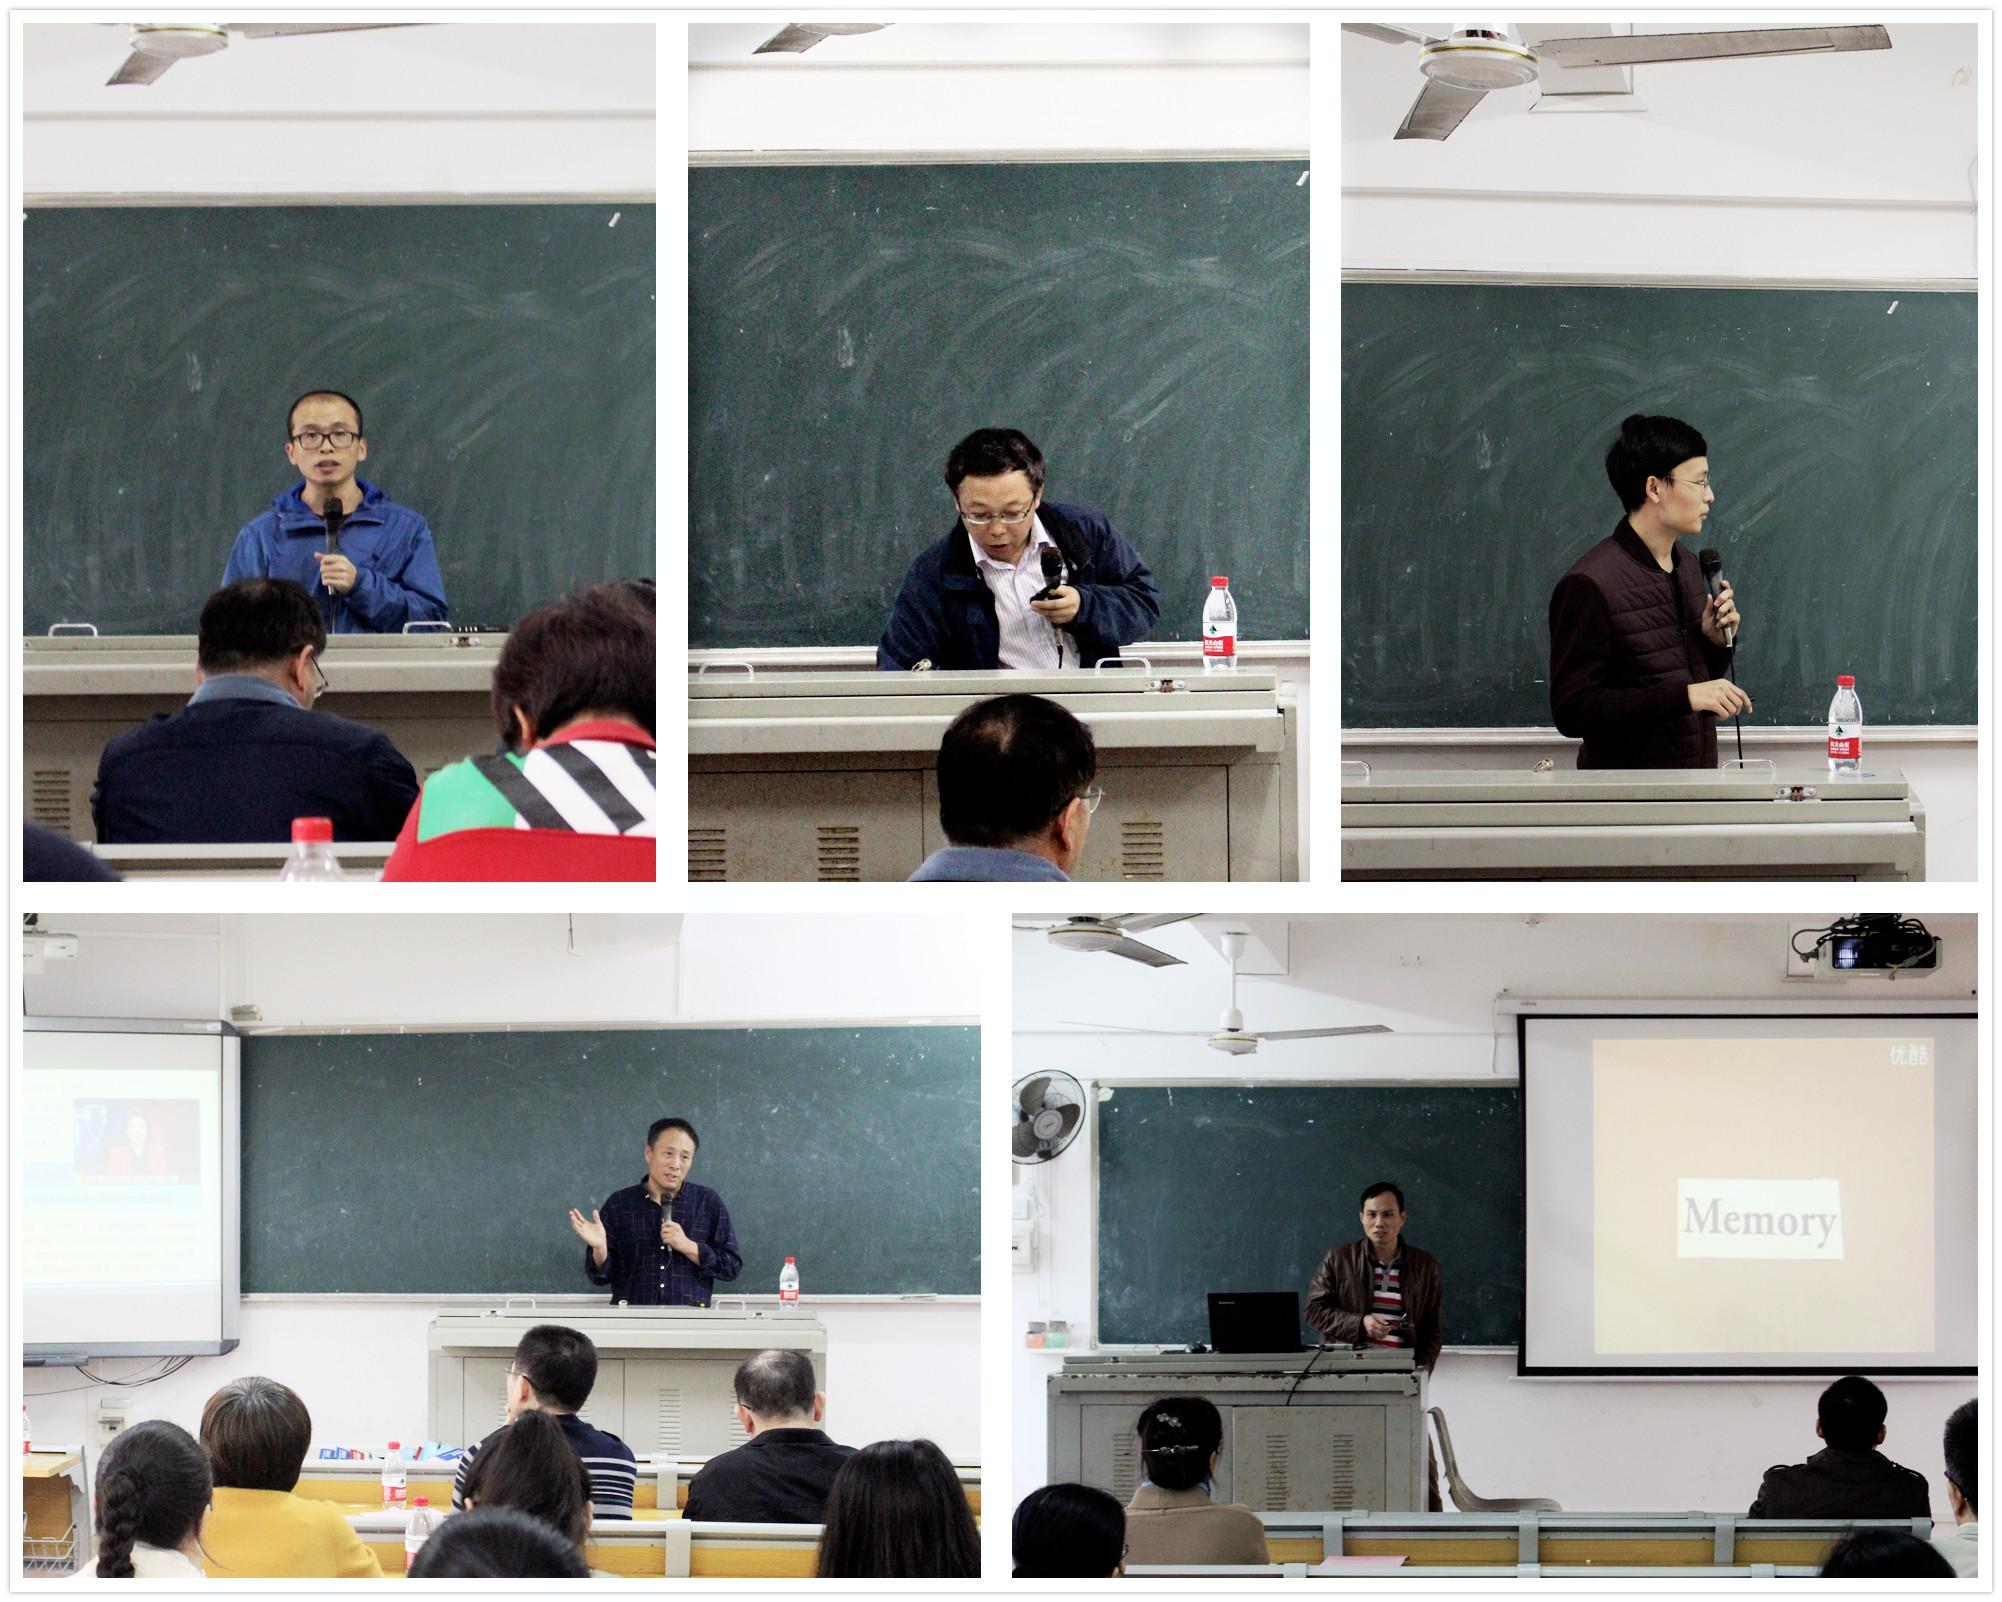 物理与电子工程学院举办教师工作交流大会